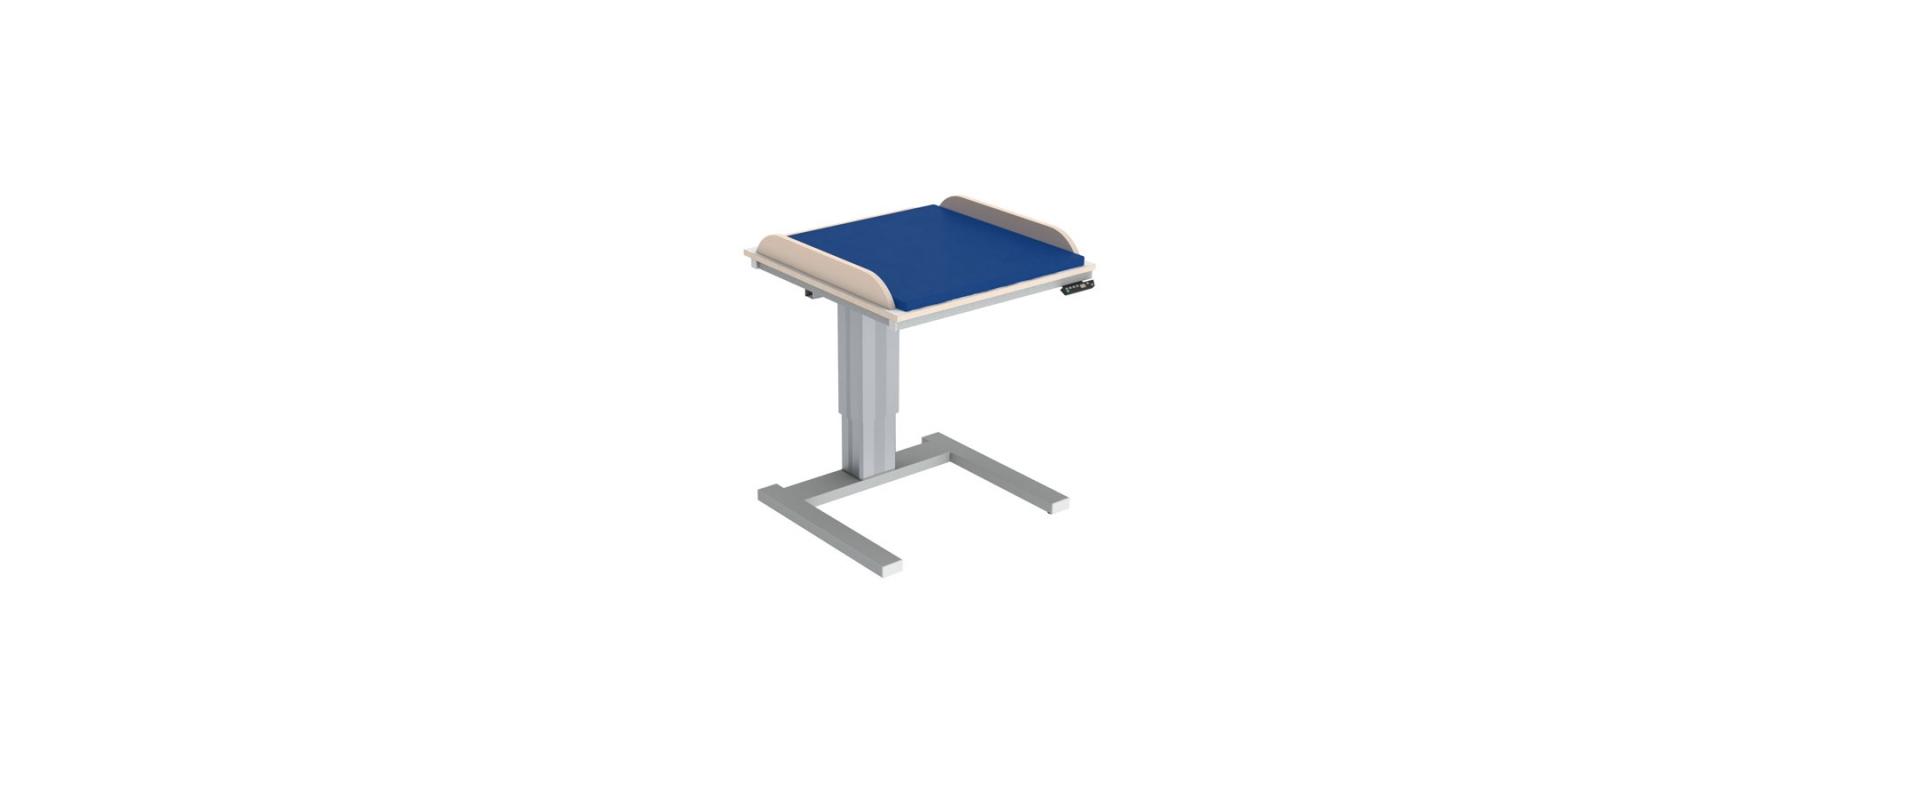 <b>Wickeltisch 332 - Modell zum selbst konfigurieren</b>